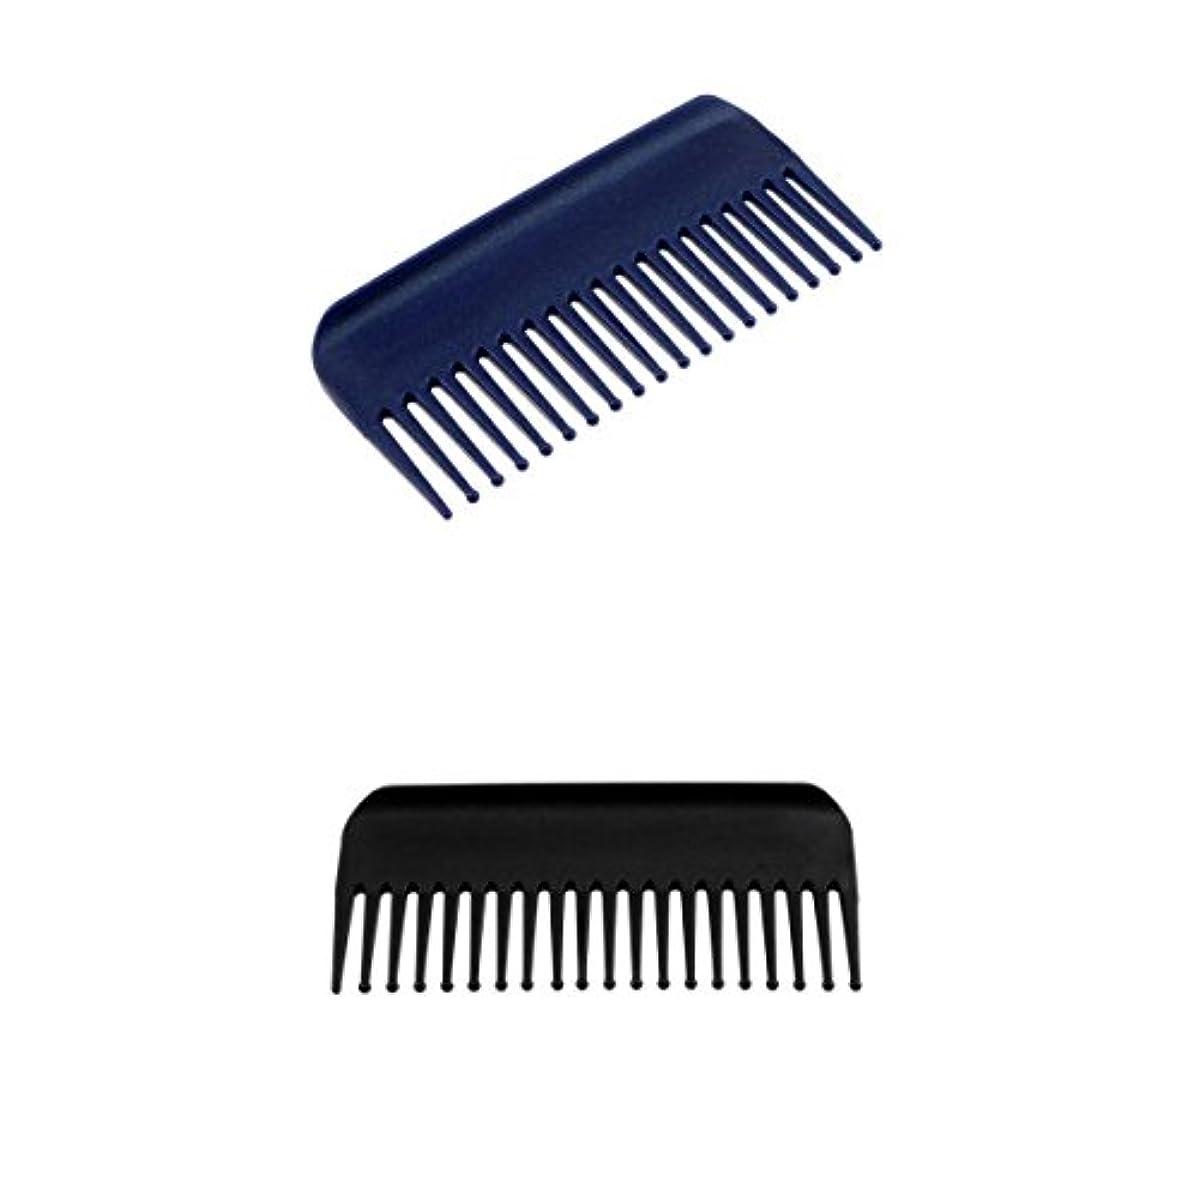 損傷シングル計算2個19歯解くこと髪くしヘアコンディショニングレーキくしワイド歯ヘアブラシサロン理容ツール